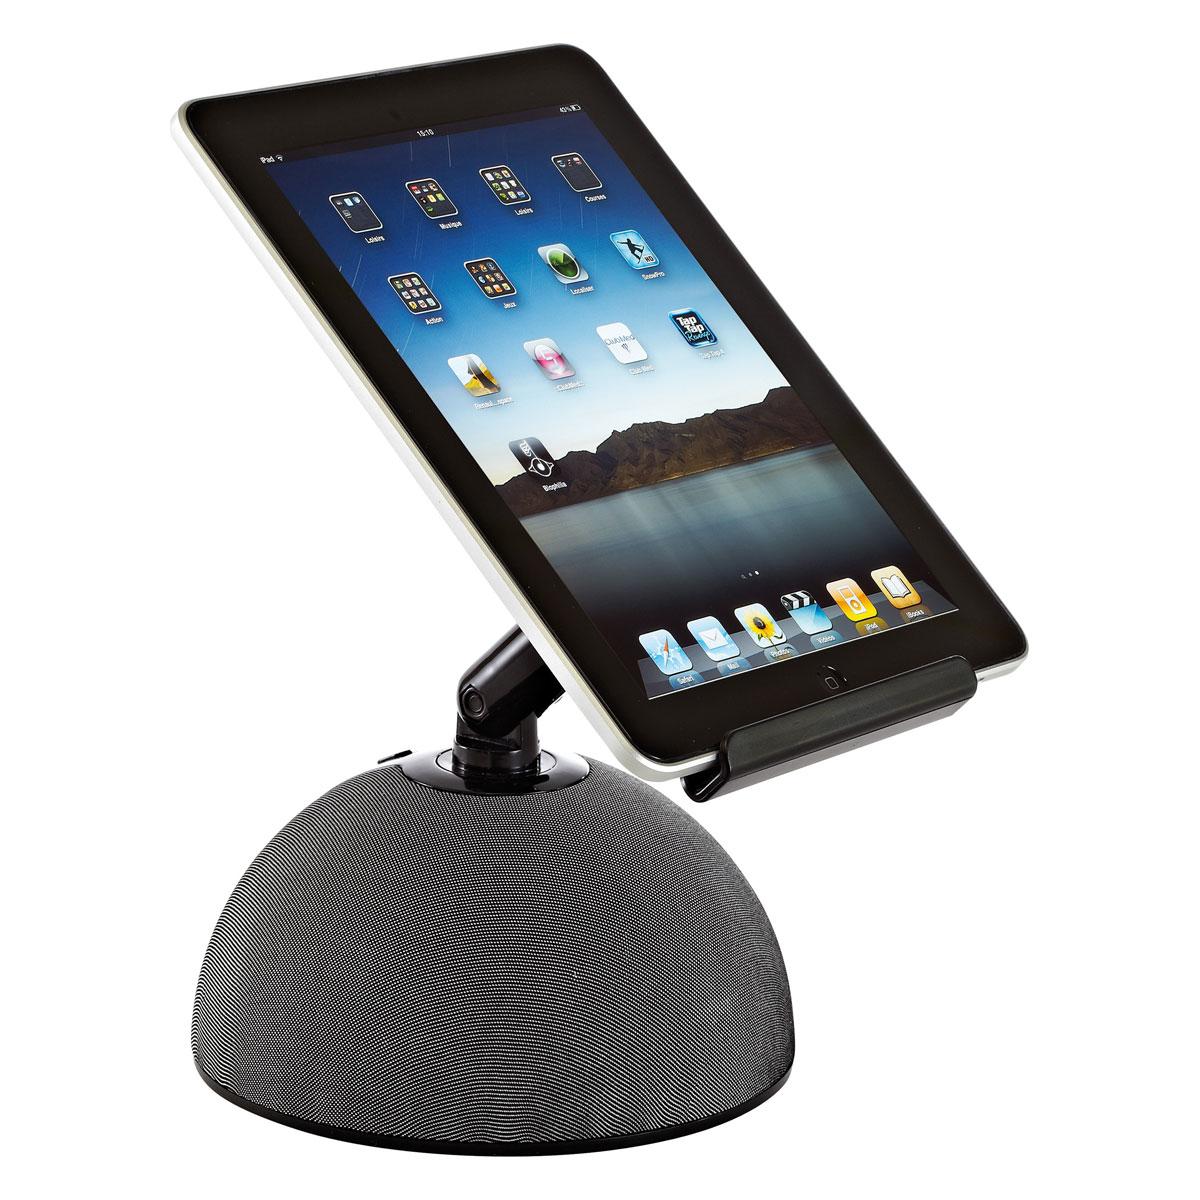 Clipsonic tec536 tec536 achat vente accessoires tablette sur - Enceinte iphone ipad ...